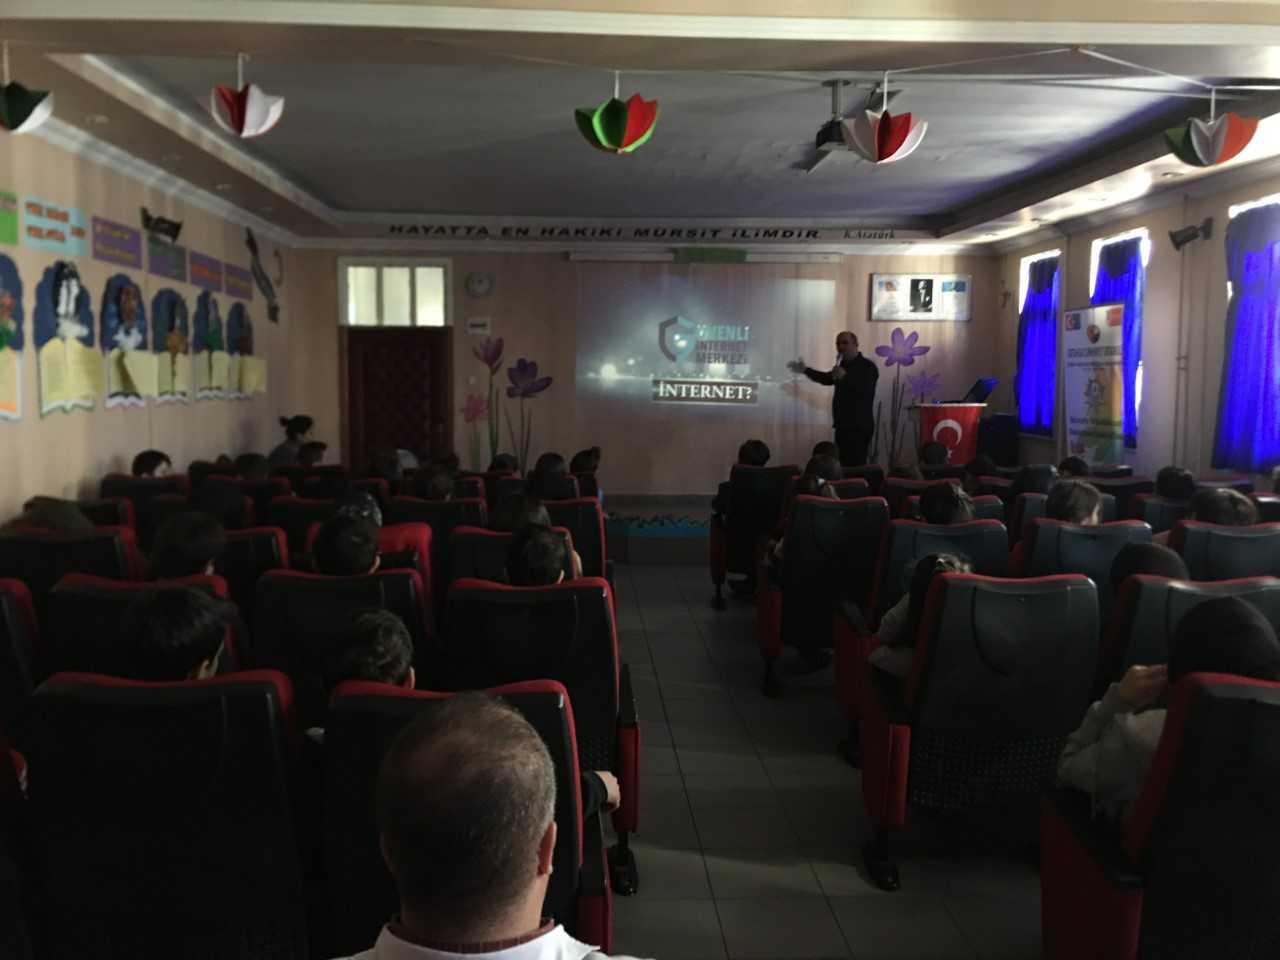 Trabzon Cumhuriyet Ortaokulunda, Bilinçli Ve Güvenli İnternet Semineri